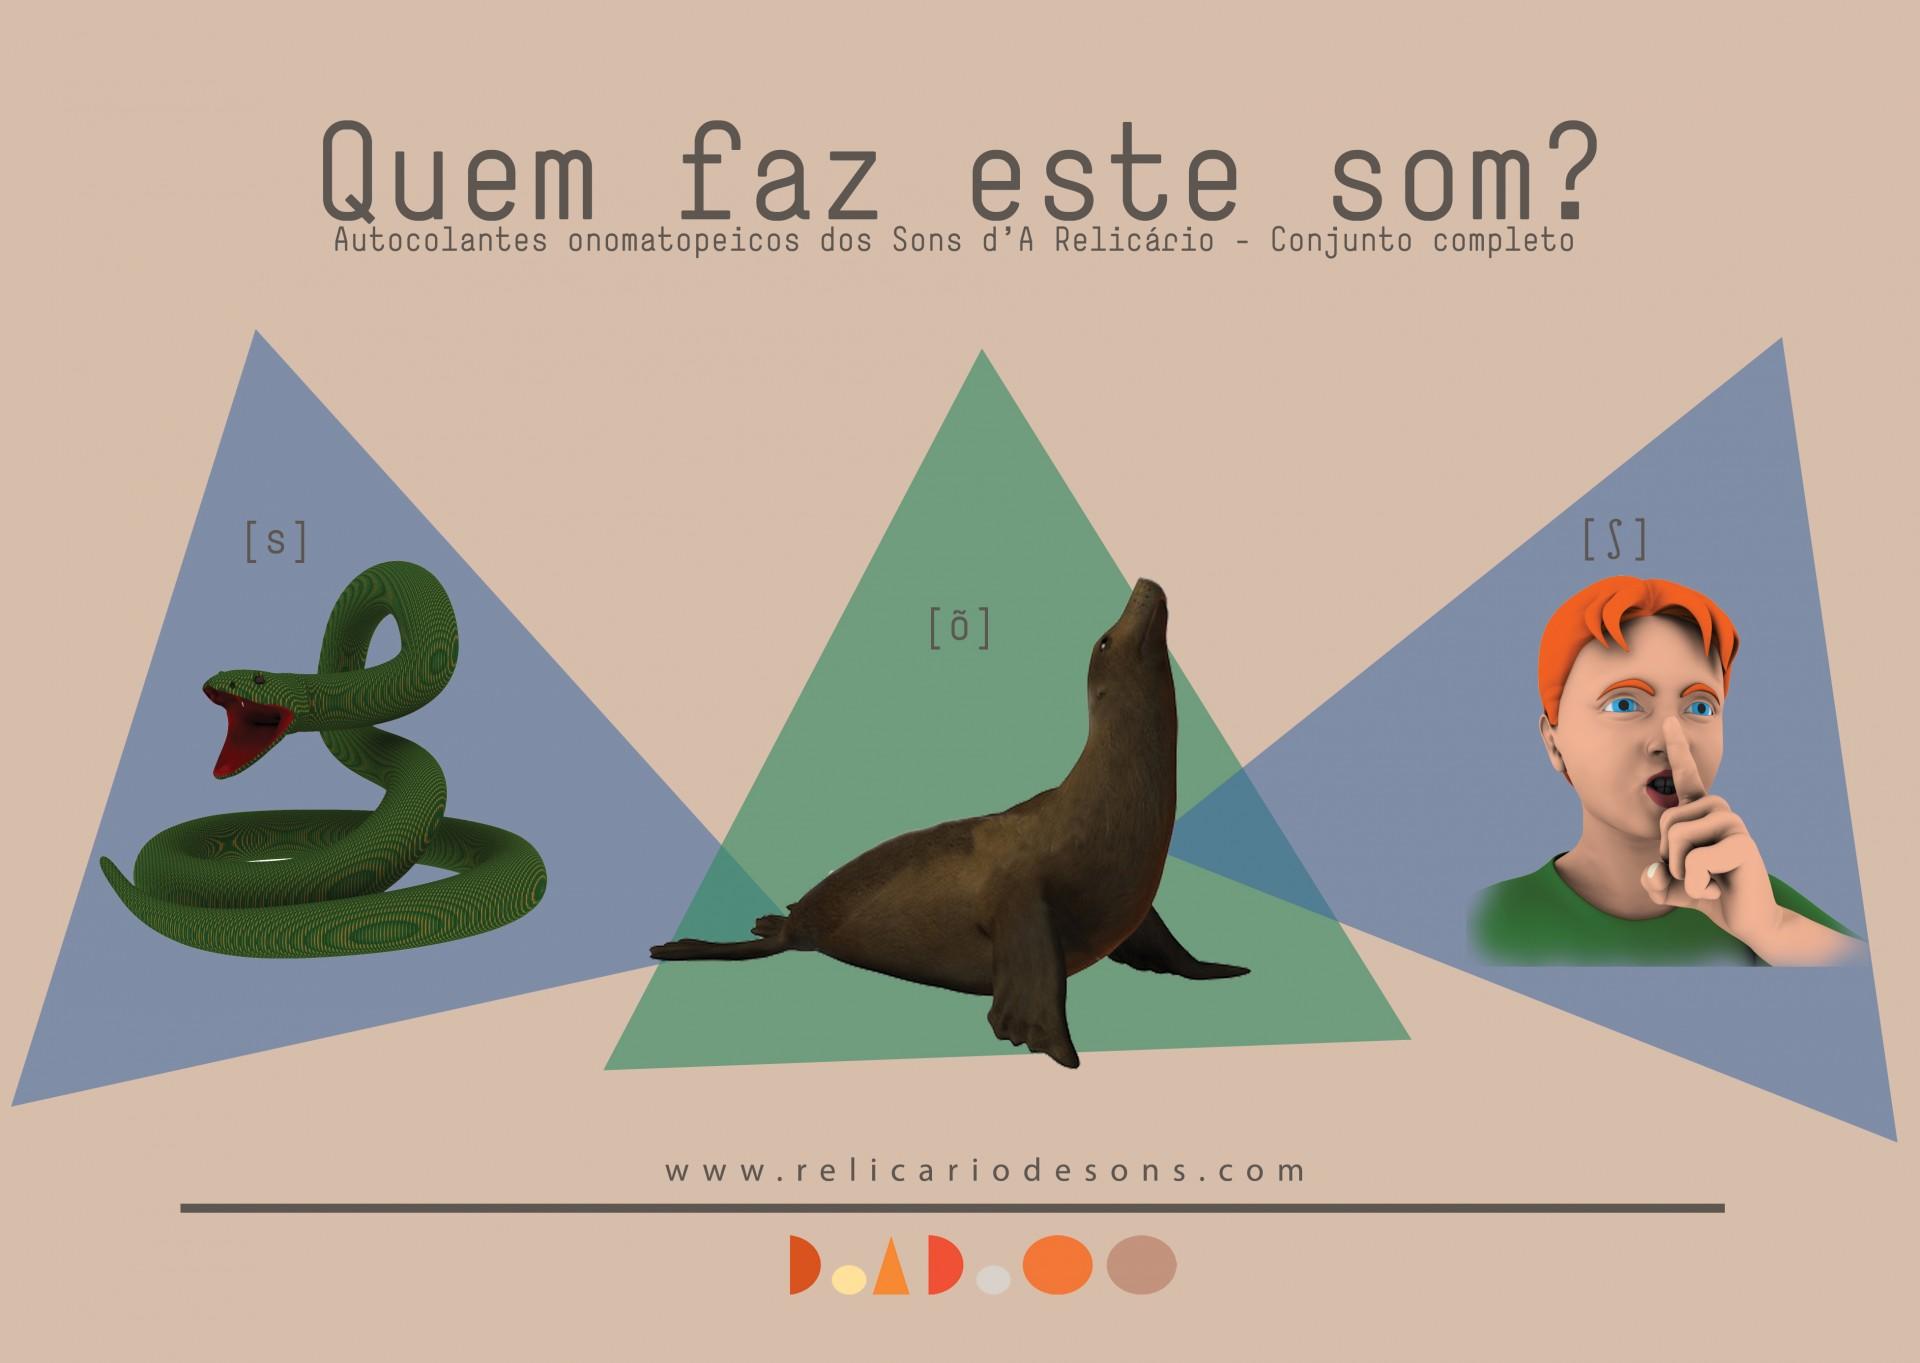 """Quem faz este som? Palavra, Sílaba ou Segmento? Autocolantes das Onomatopeias e das Formas Geométricas de """"Os Sons d'A Relicário"""""""